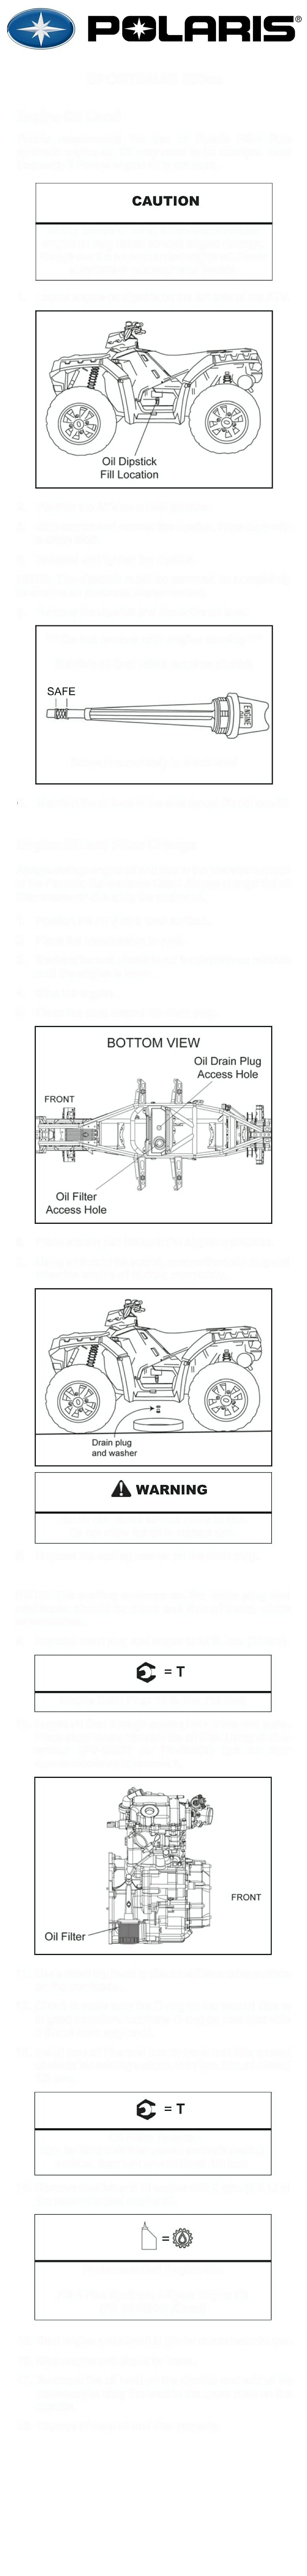 Polaris Sportsman 550cc Oil Change